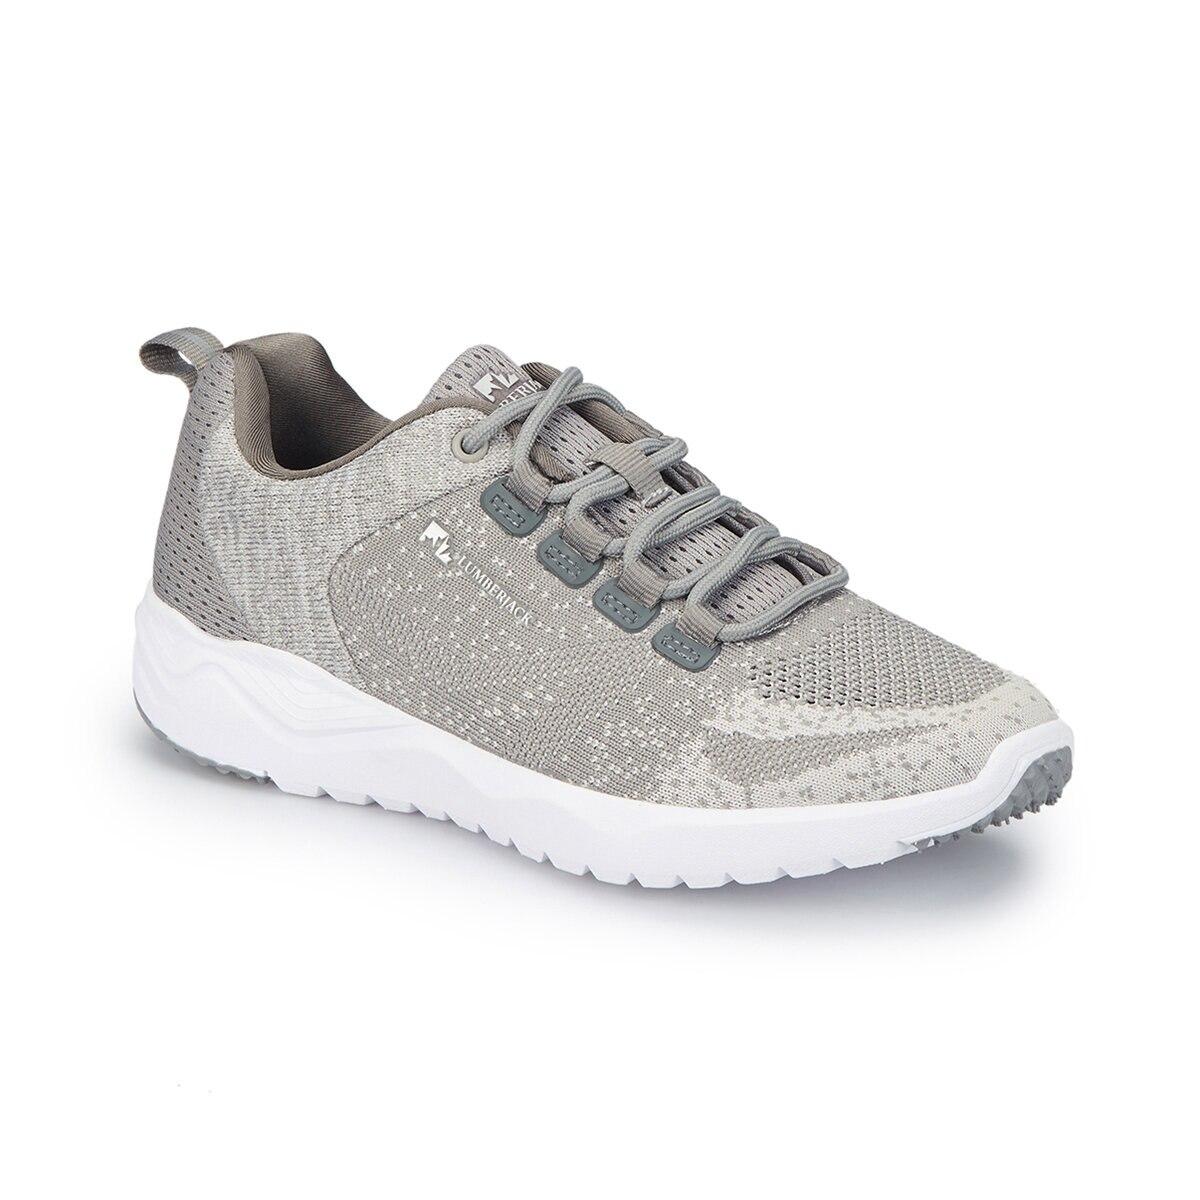 FLO MAXIMUS WMN Gray Women 'S Sneaker Shoes LUMBERJACK